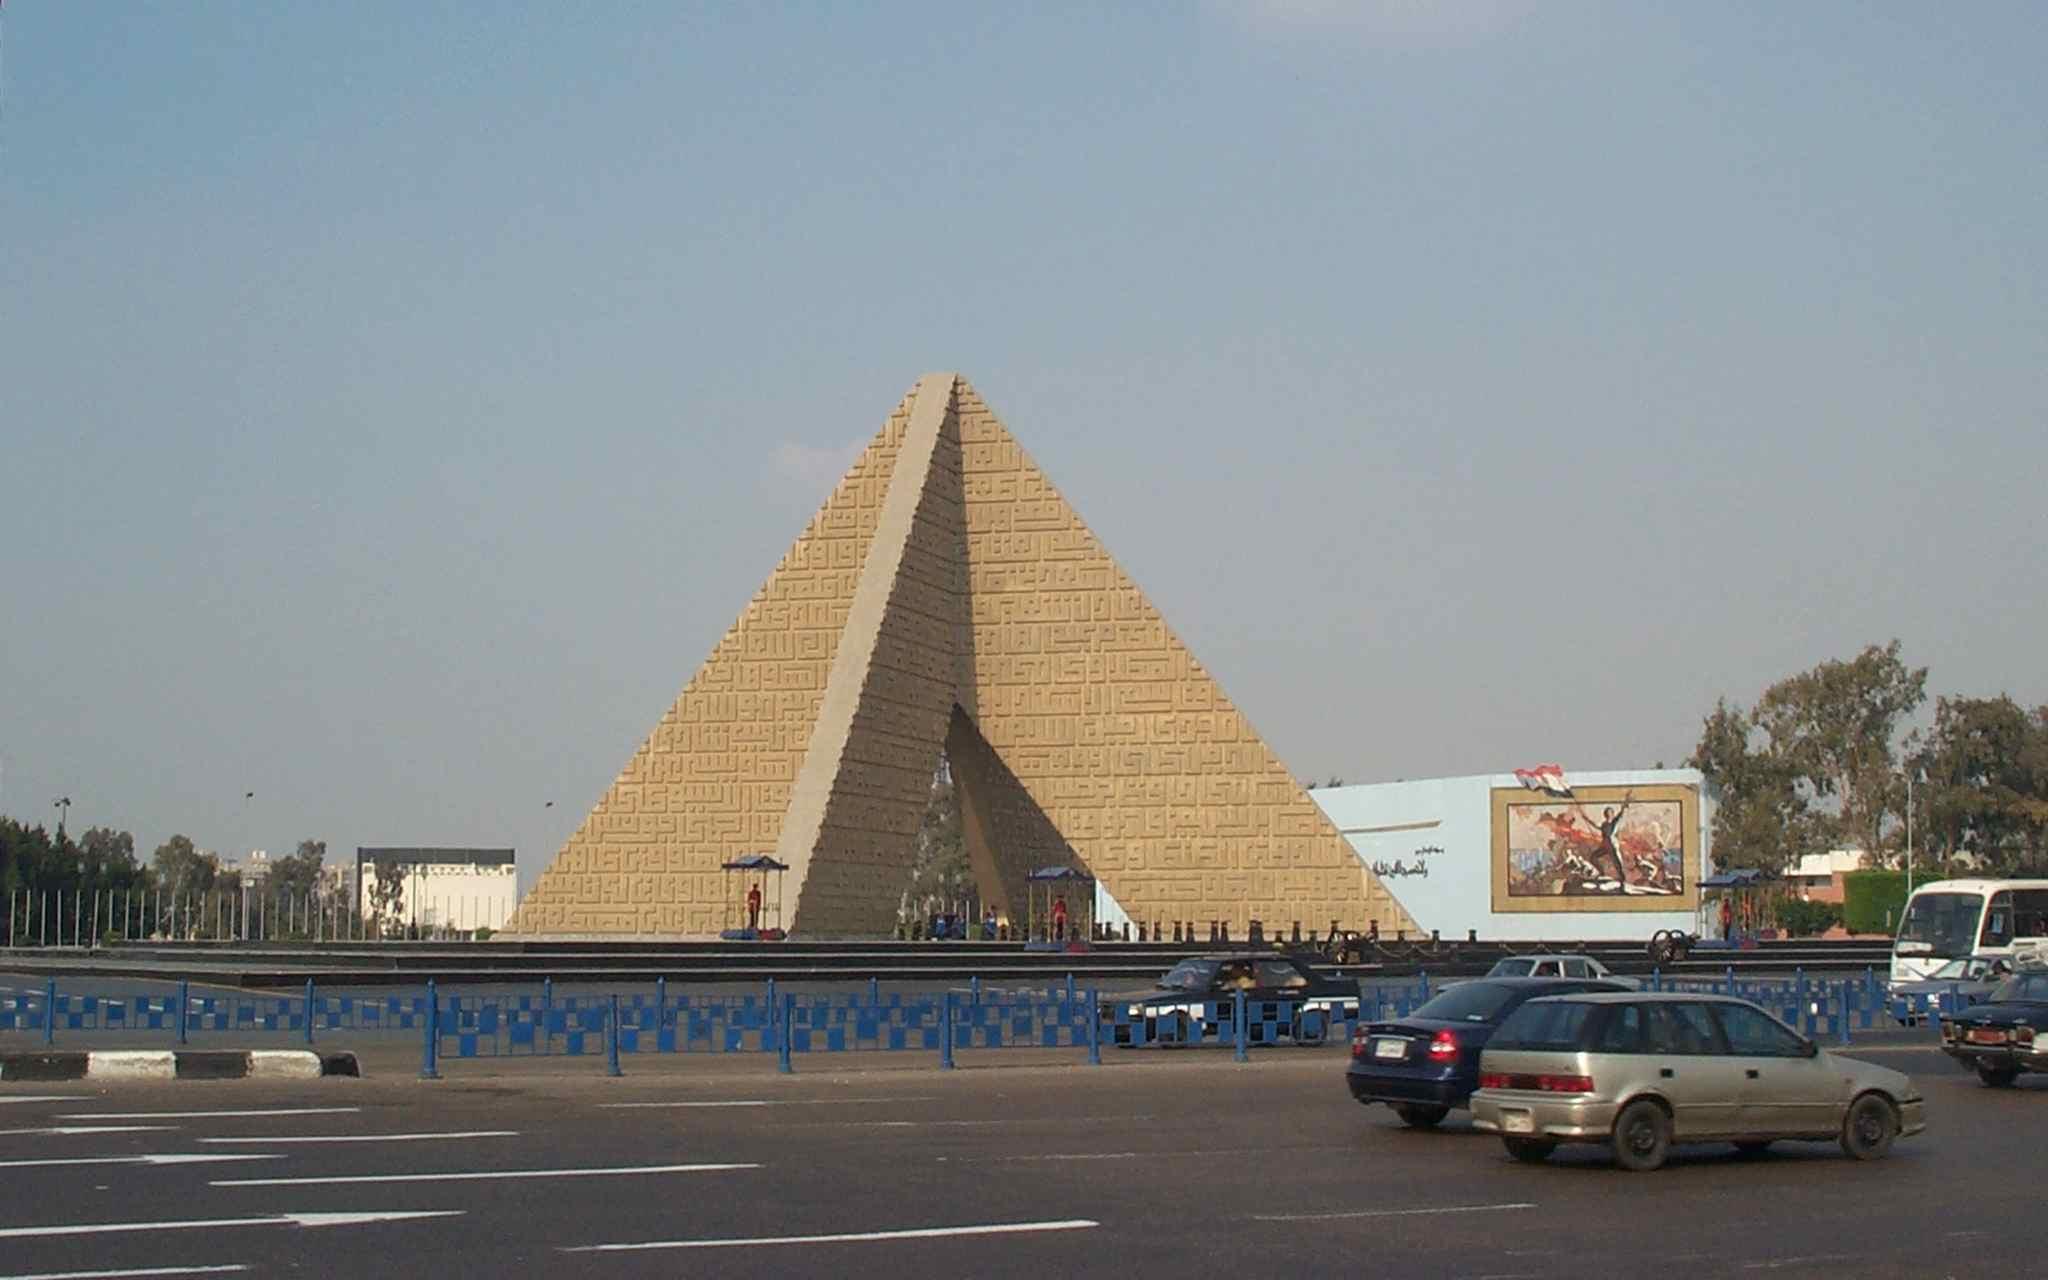 دليلك إلى أهم الخدمات في مدينة نصر - النصب التذكاري